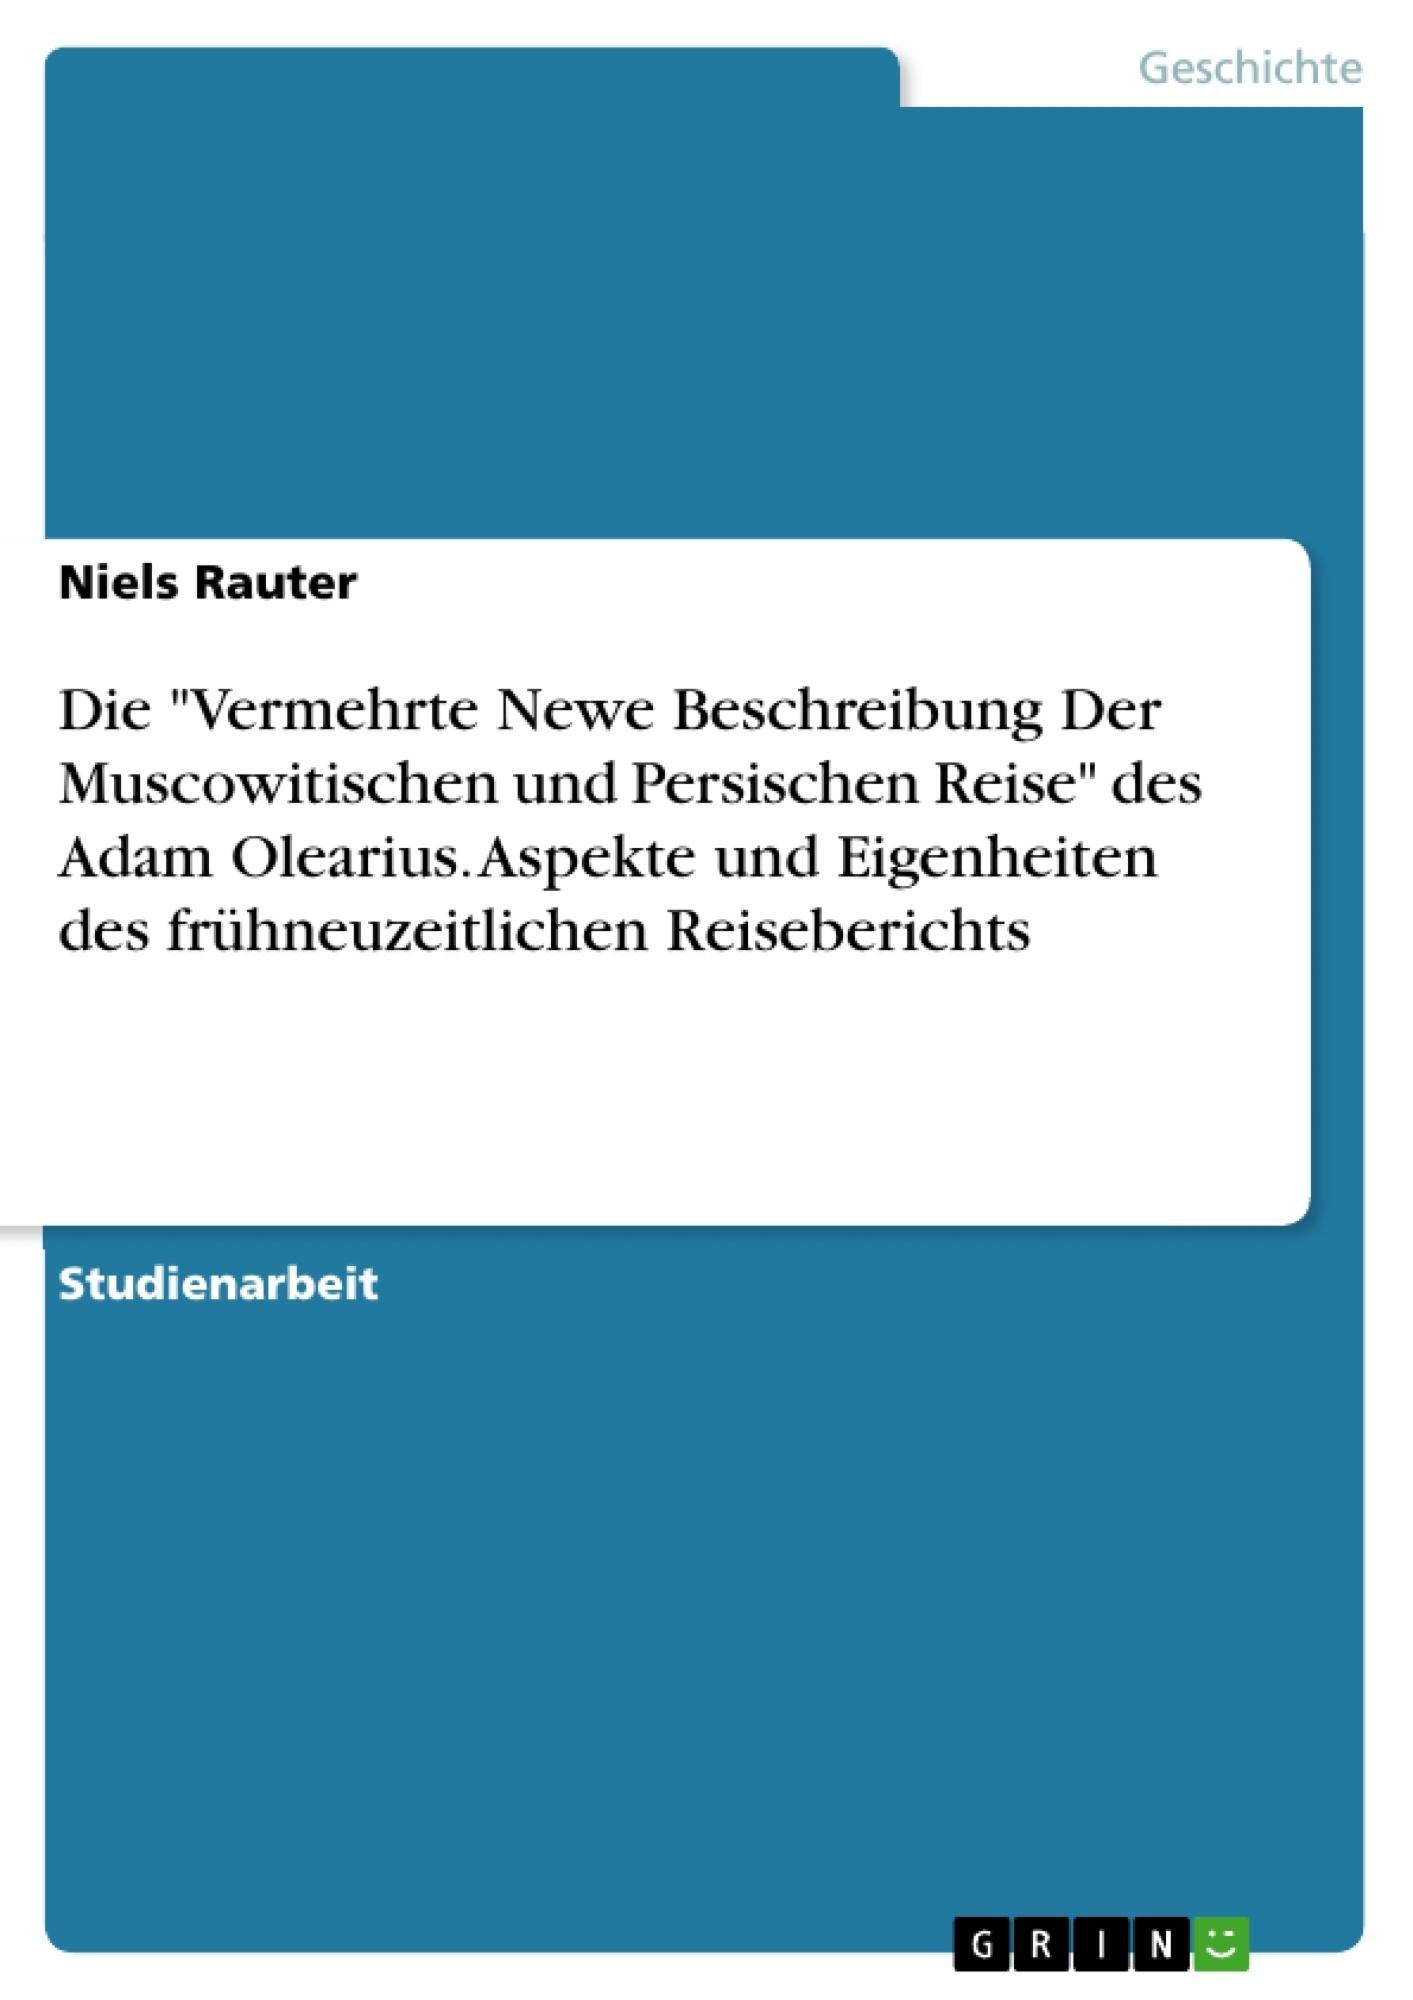 """Titel: Die """"Vermehrte Newe Beschreibung Der Muscowitischen und Persischen Reise"""" des Adam Olearius. Aspekte und Eigenheiten des frühneuzeitlichen Reiseberichts"""